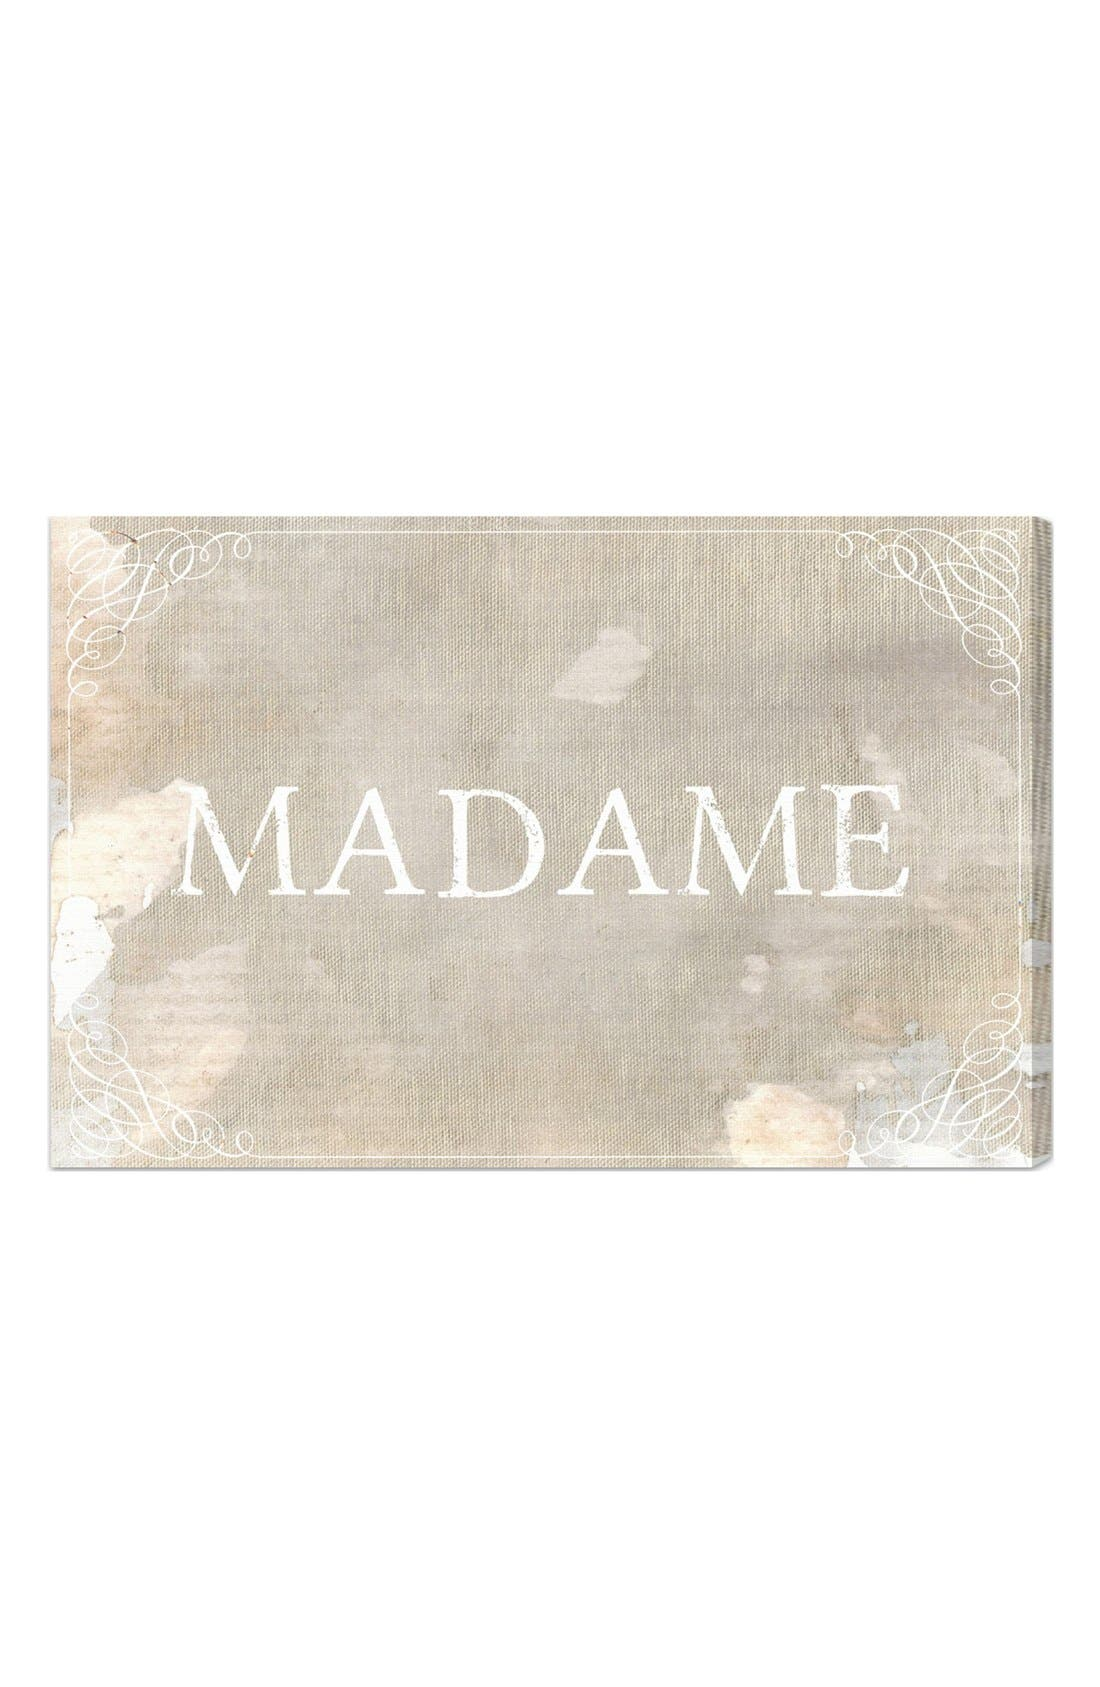 Main Image - Oliver Gal 'Madame' Wall Art